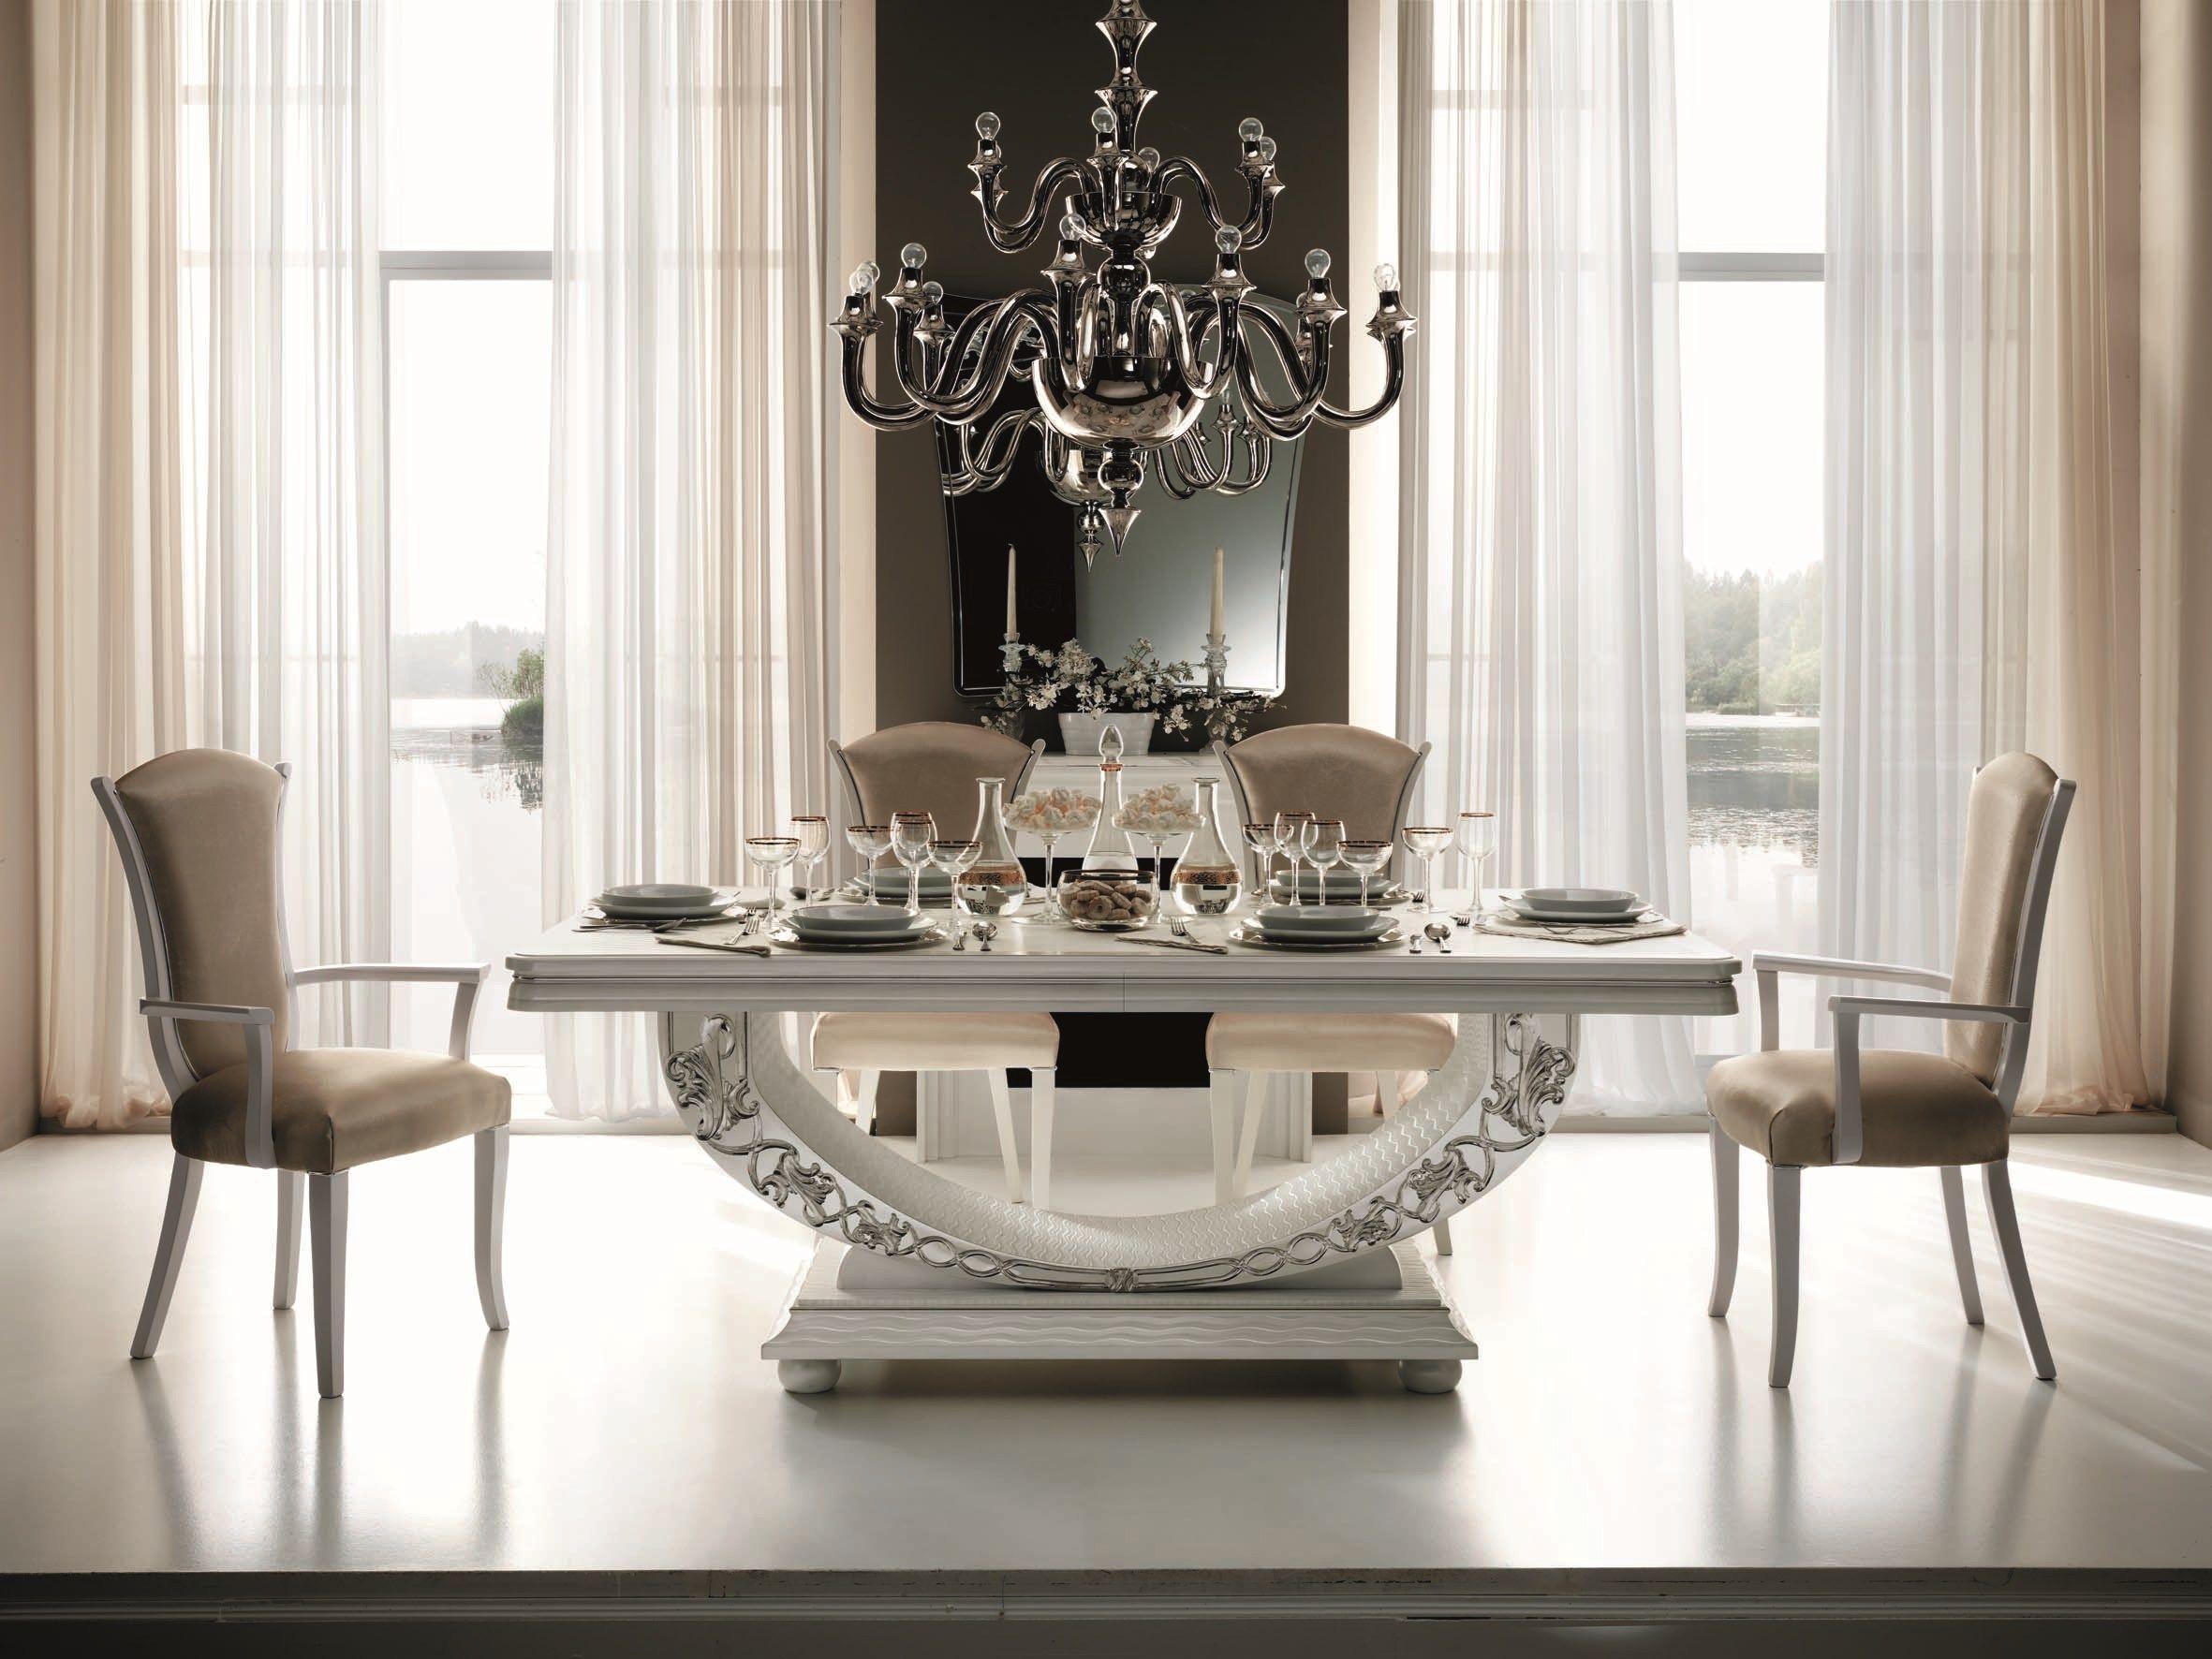 Tavolo Da Pranzo Rettangolare In Stile Classico MIRÒ Tavolo  #796752 2362 1772 Salotti E Sale Da Pranzo Moderne